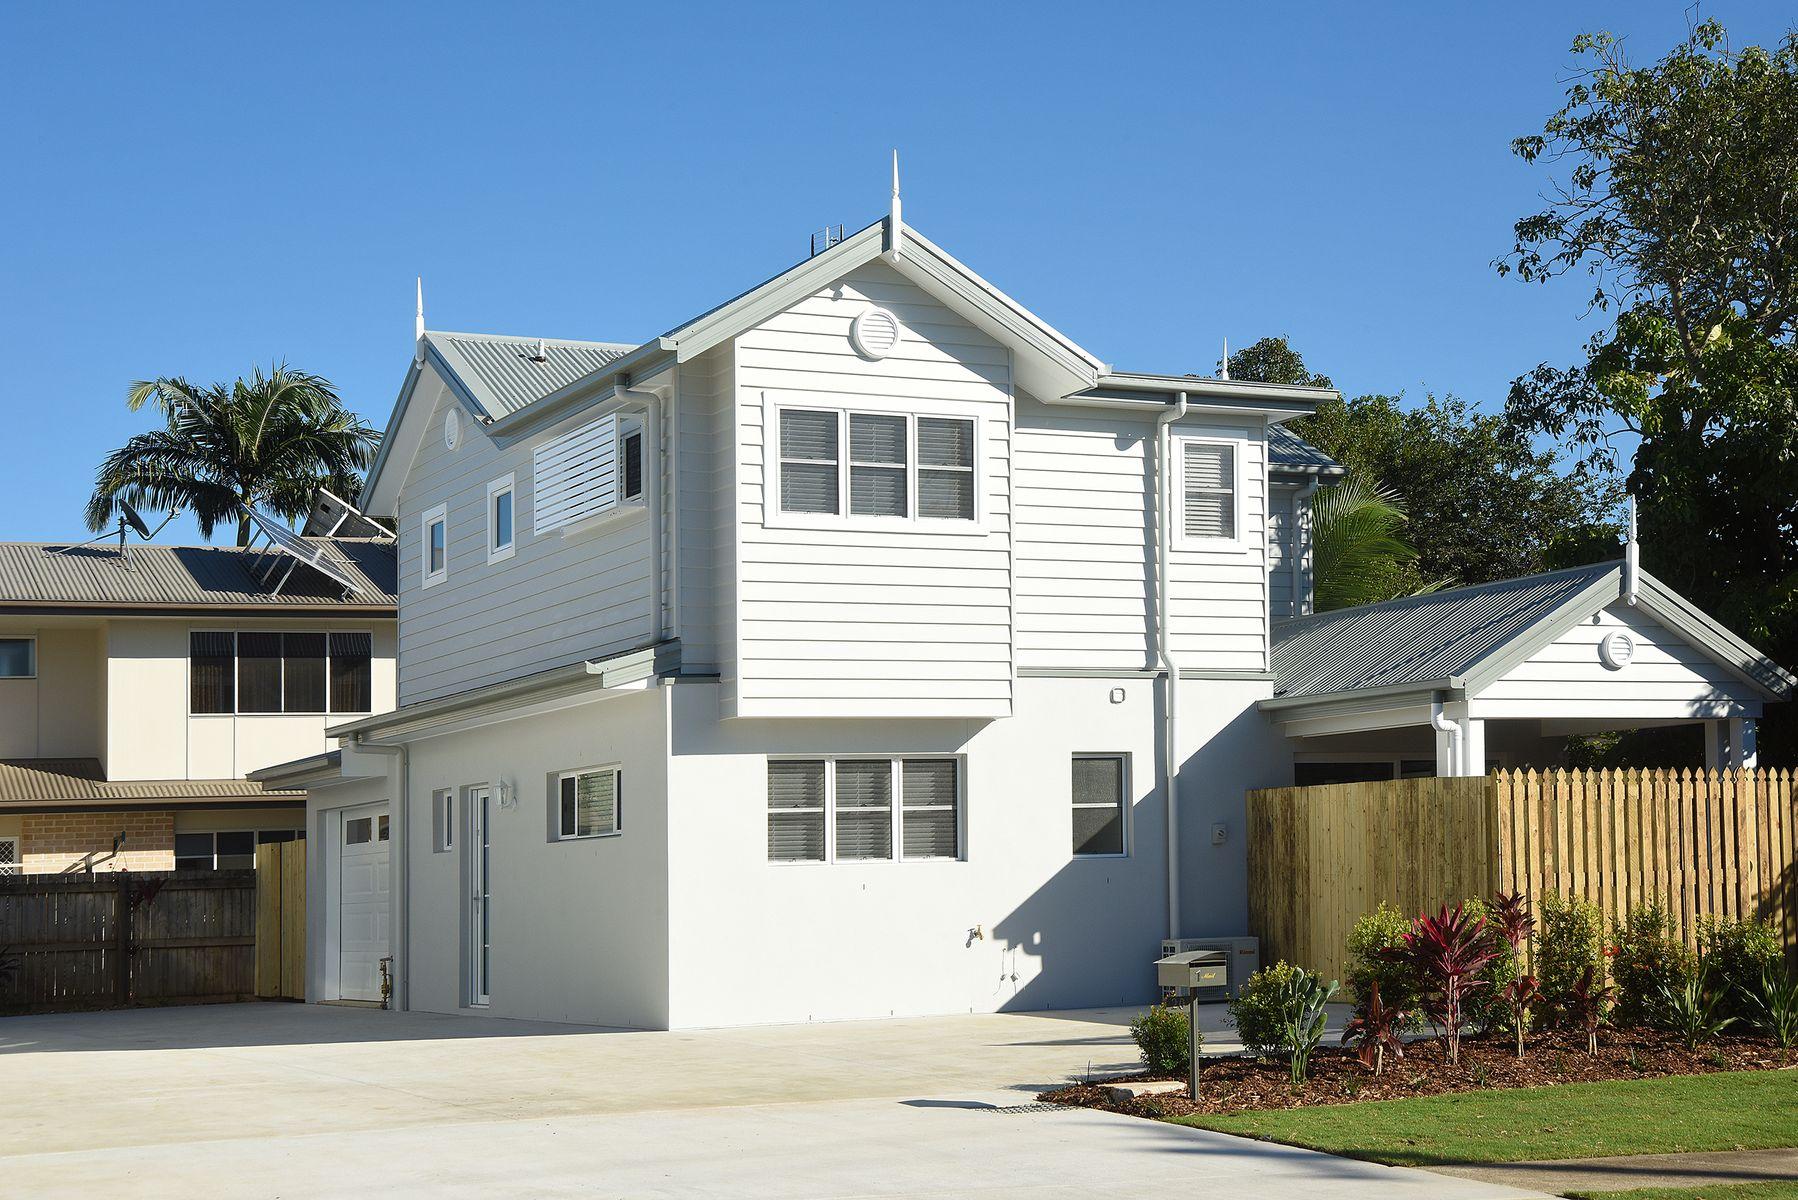 1/20 Swan Street, Beerwah, QLD 4519